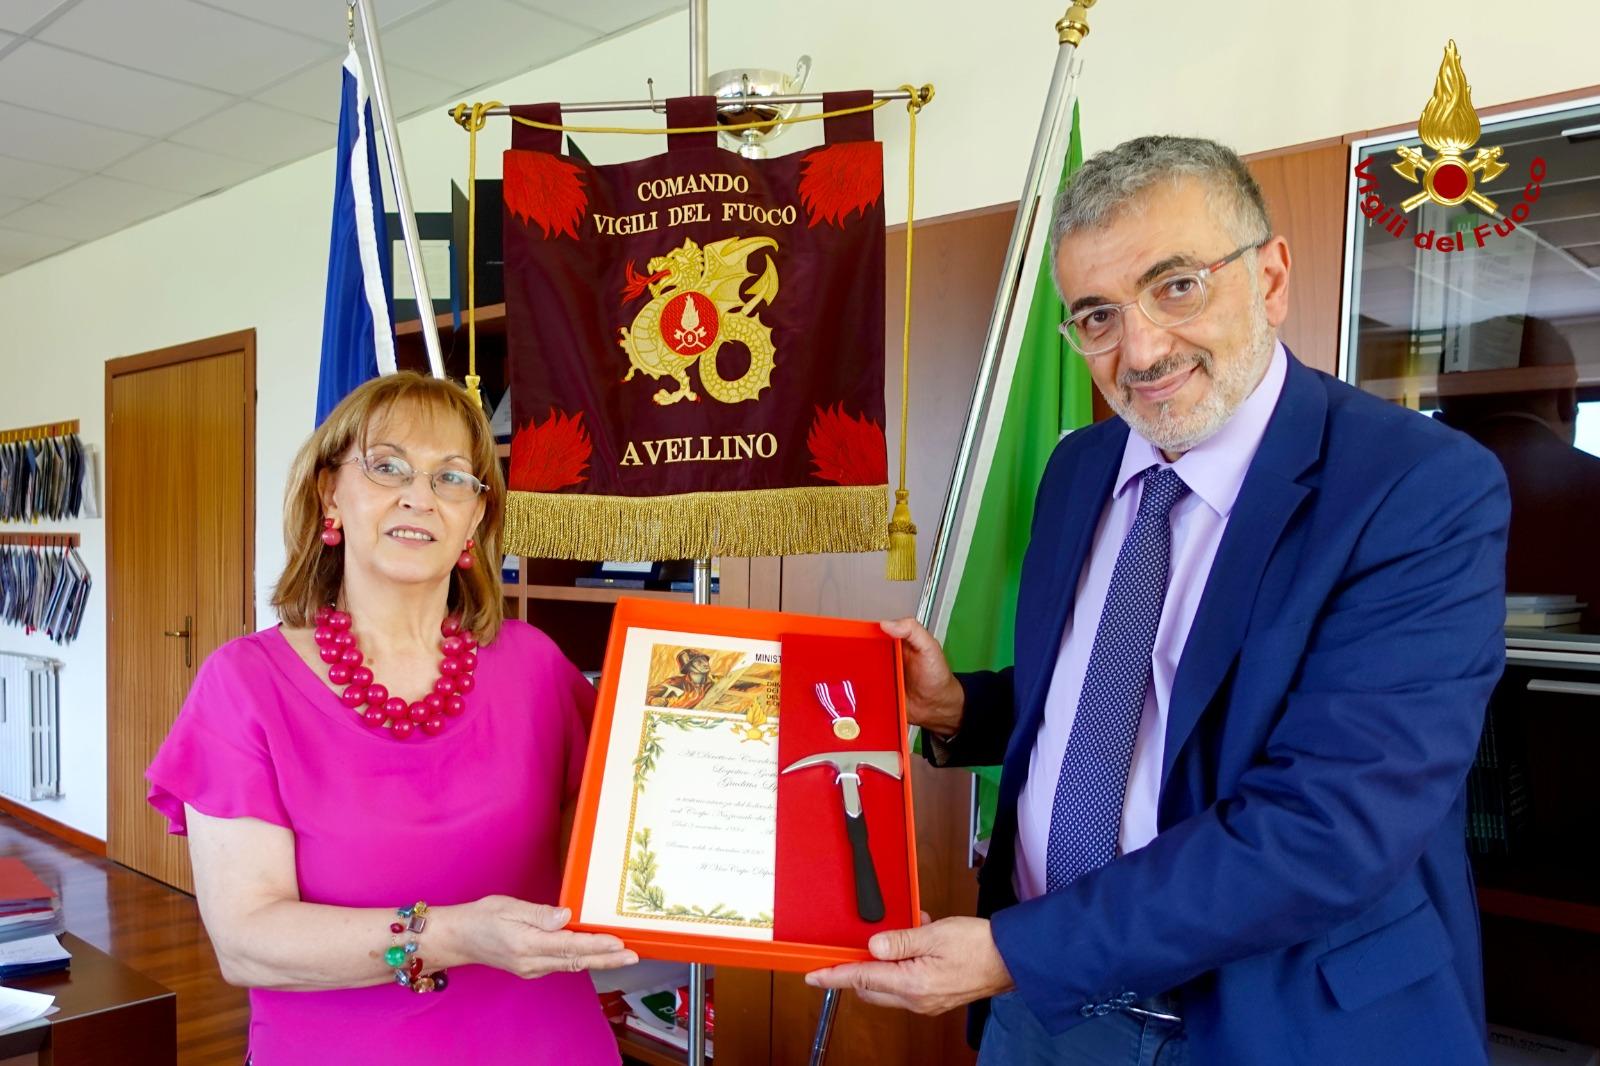 Al Comando dei Vigili del Fuoco di Avellino cerimonia di pensionamento del Direttore Lippo